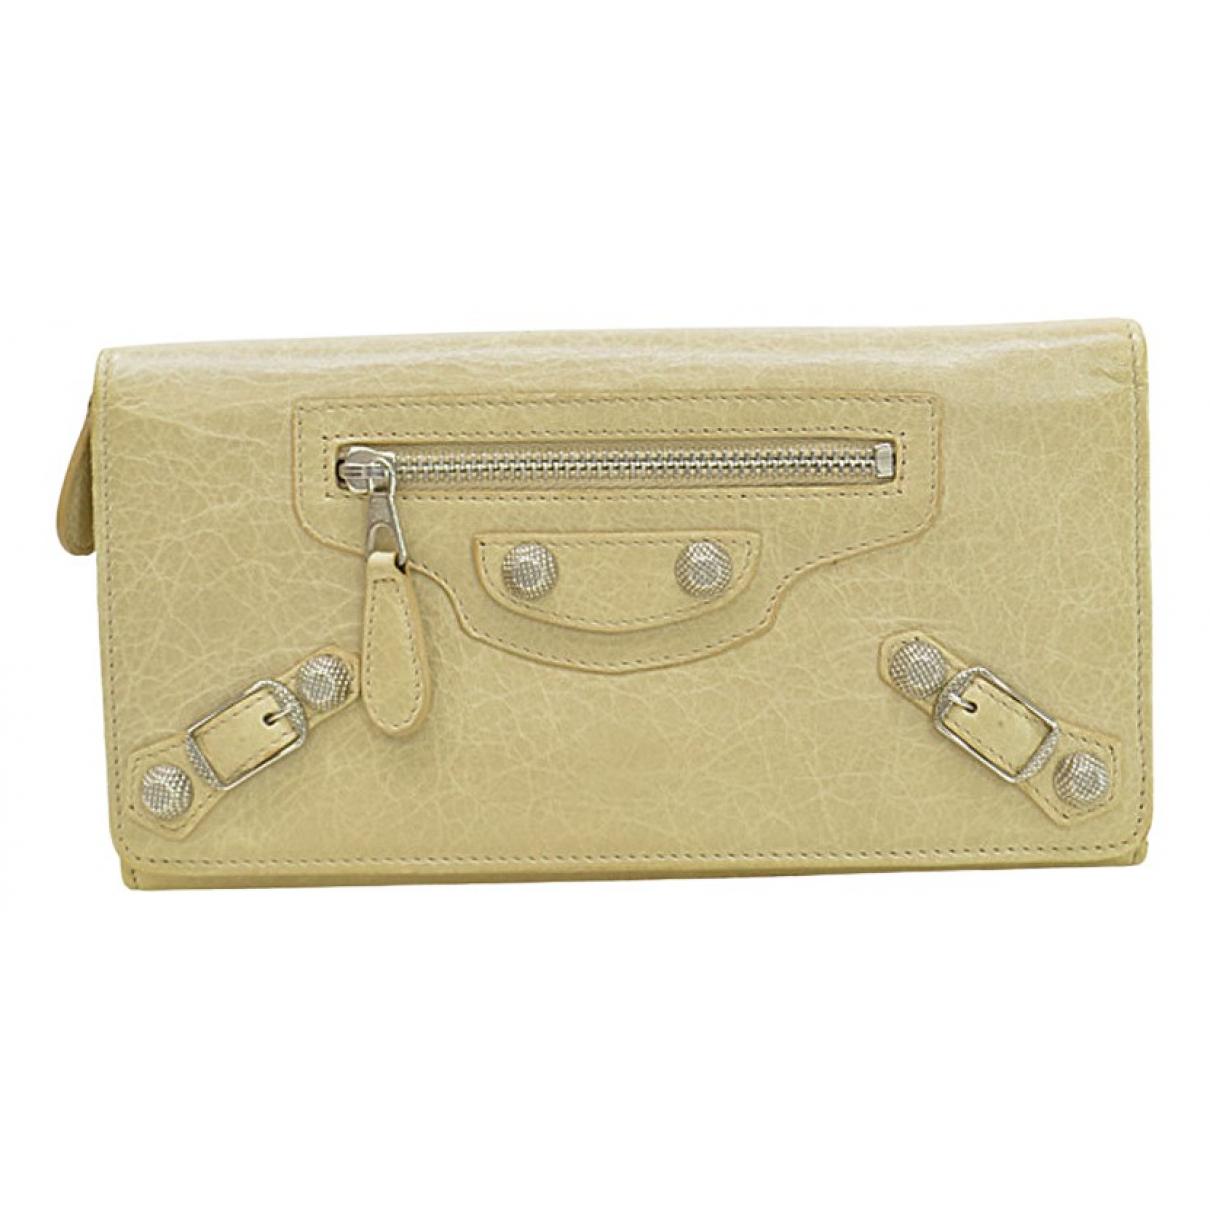 Balenciaga - Portefeuille   pour femme en cuir - beige